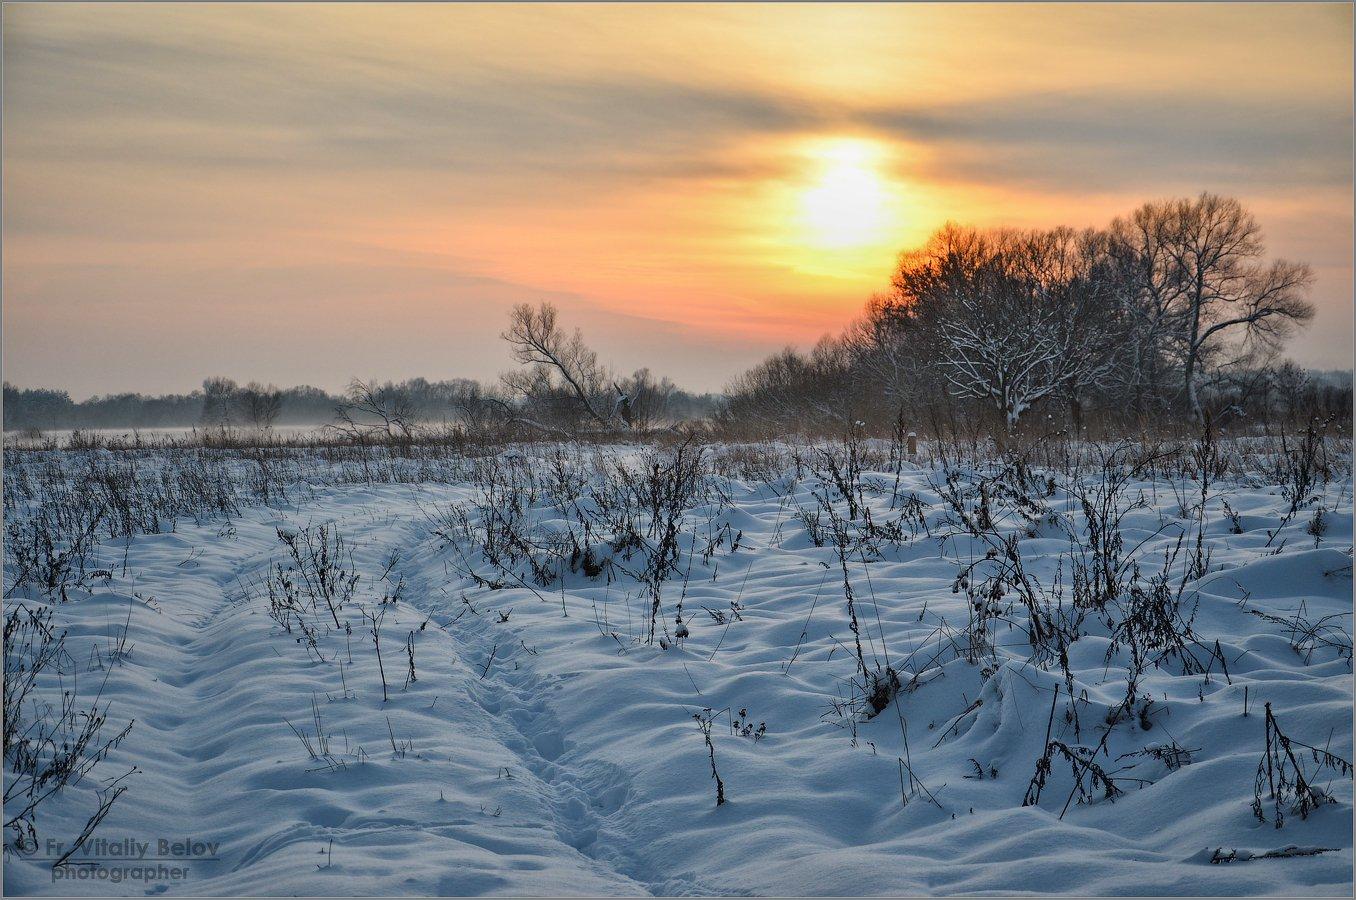 Покой зимнего вечера (снимок сделан 9 декабря 2012 г.)